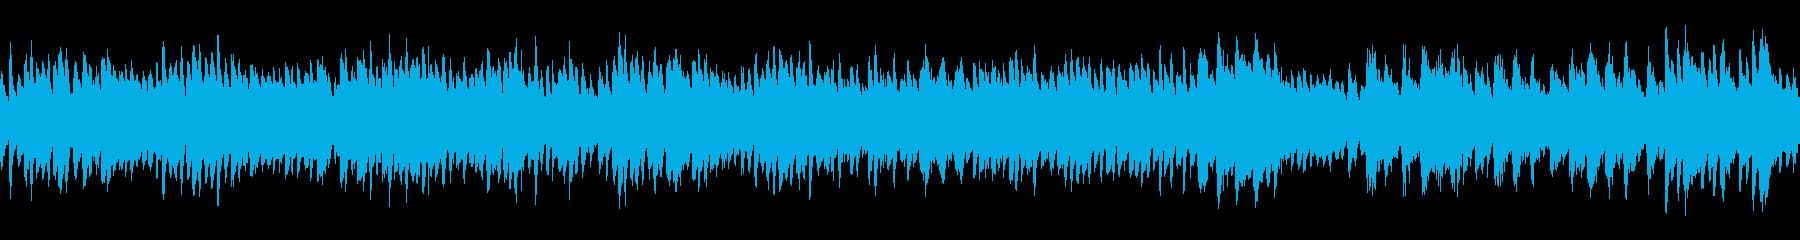 何処からか聞こえてくるロマンチックハープの再生済みの波形